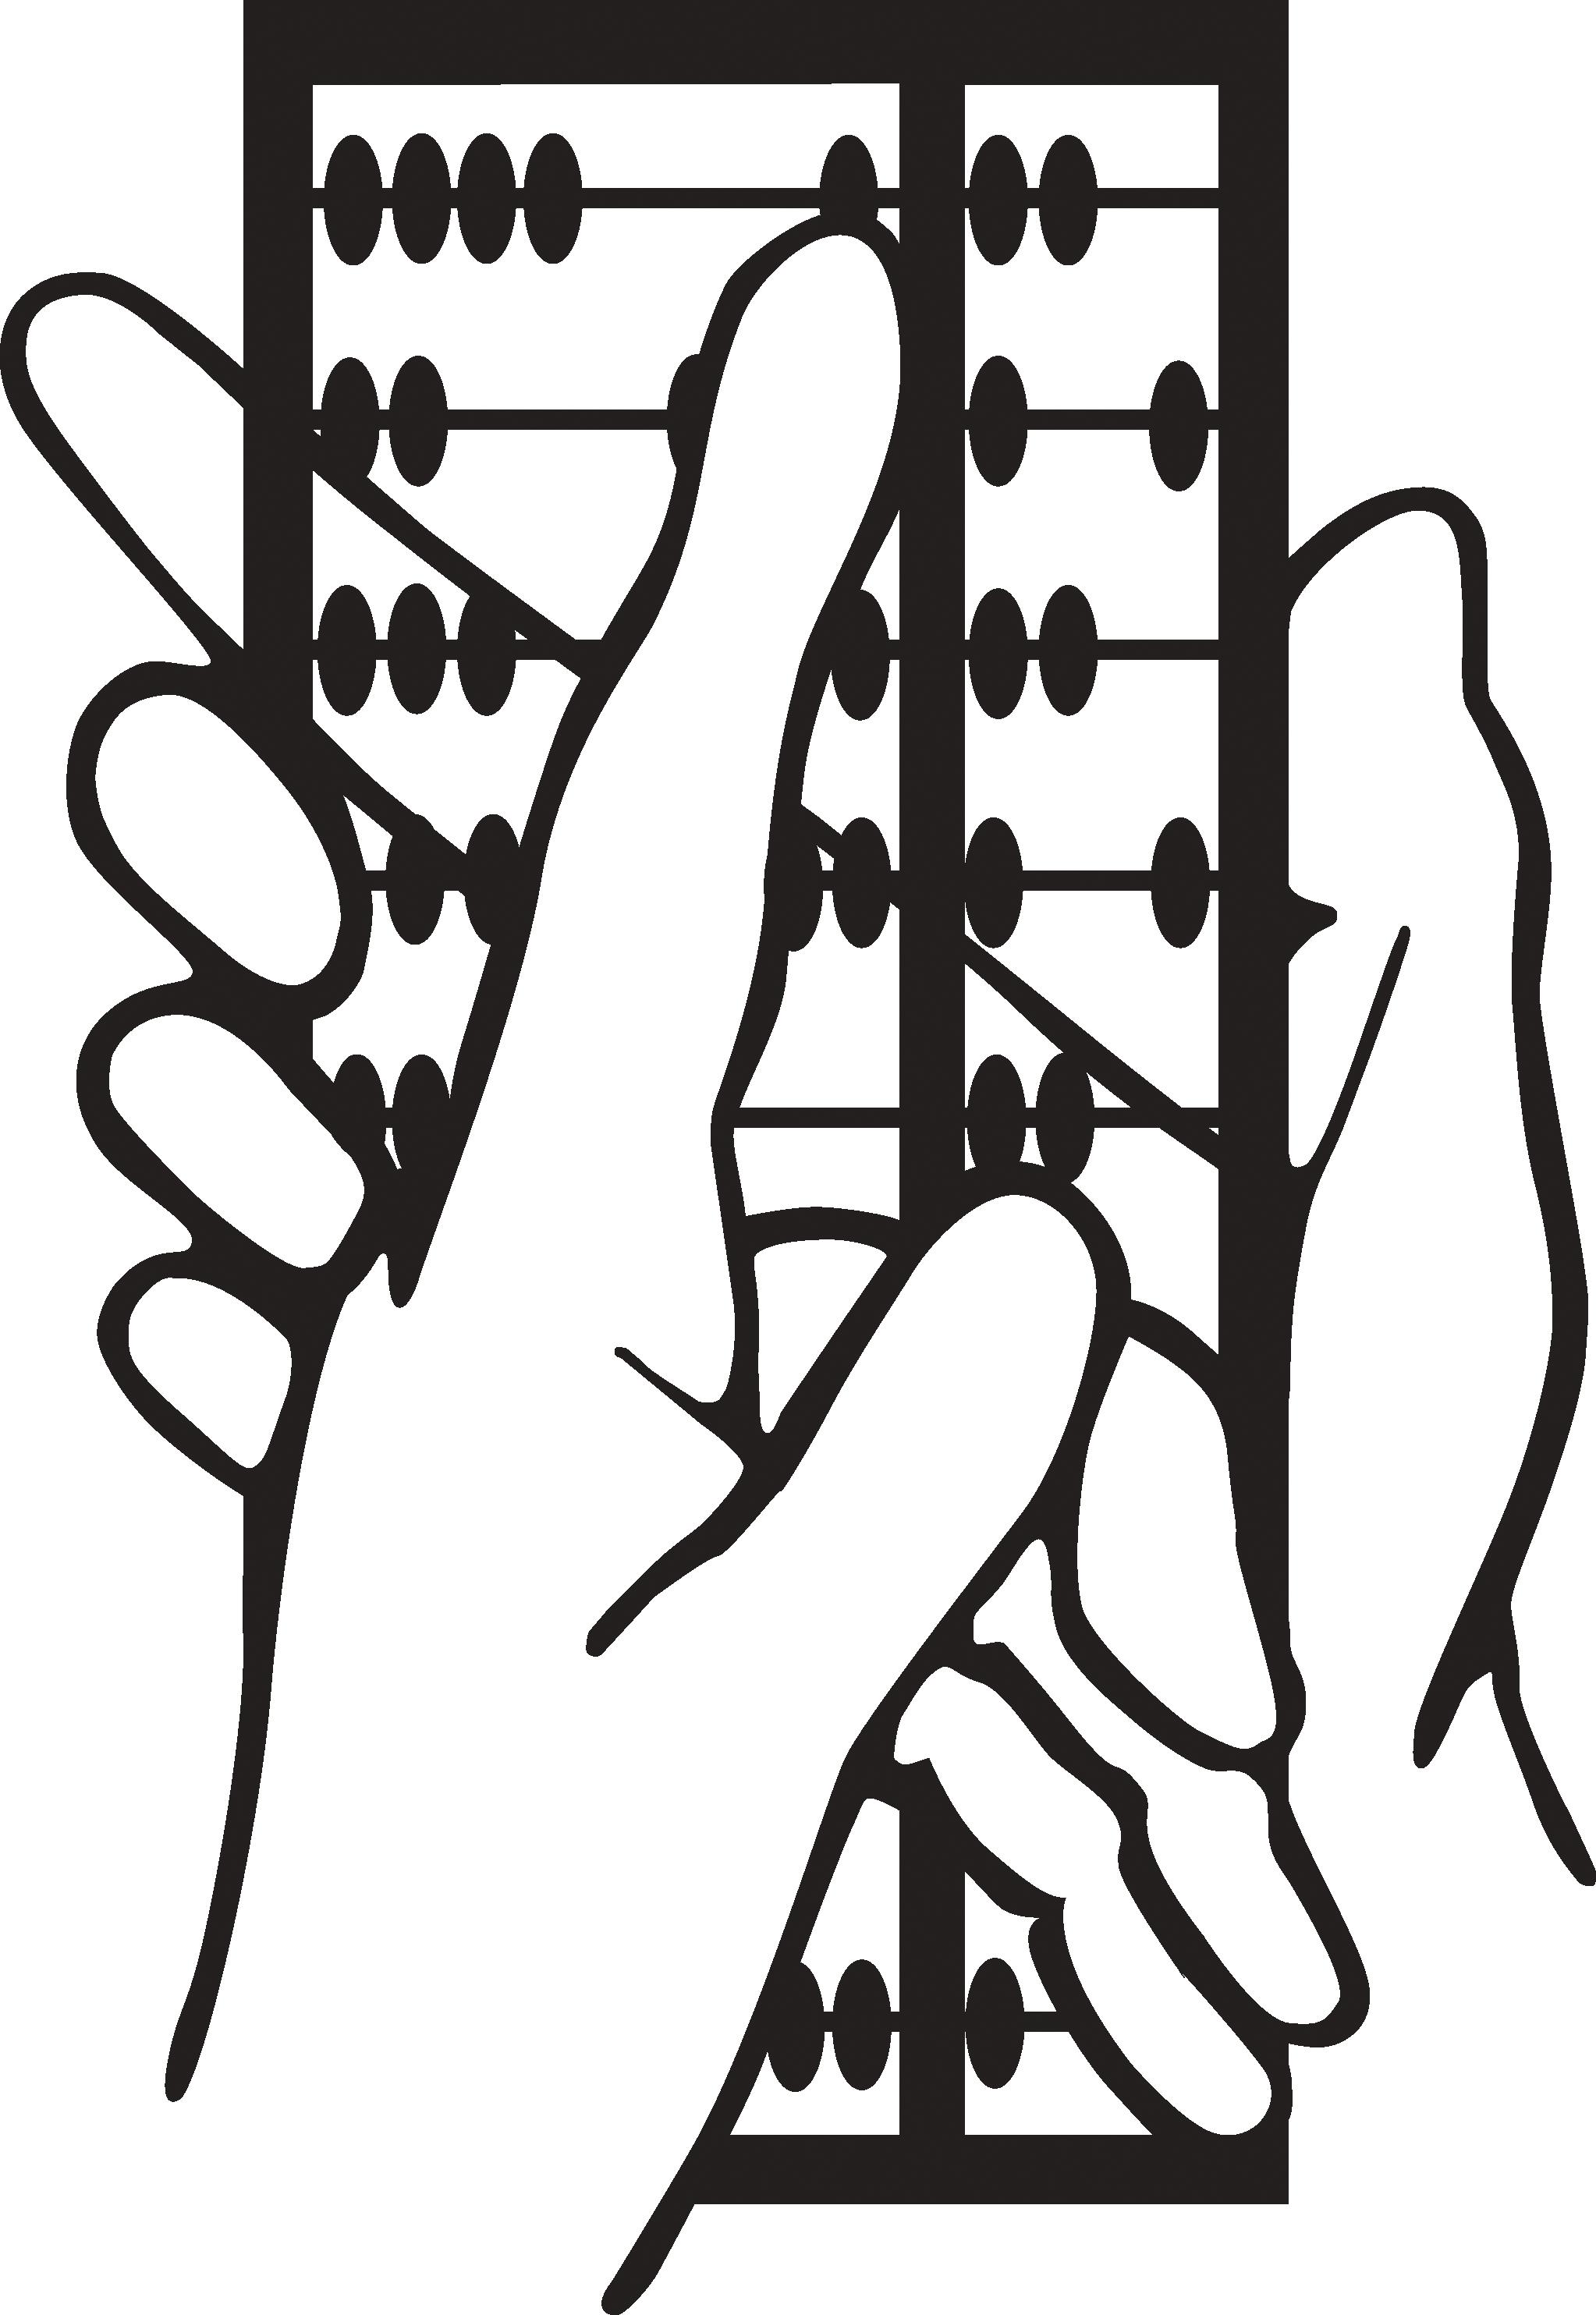 Logo Wiskundig Studiegenootschap Abacus